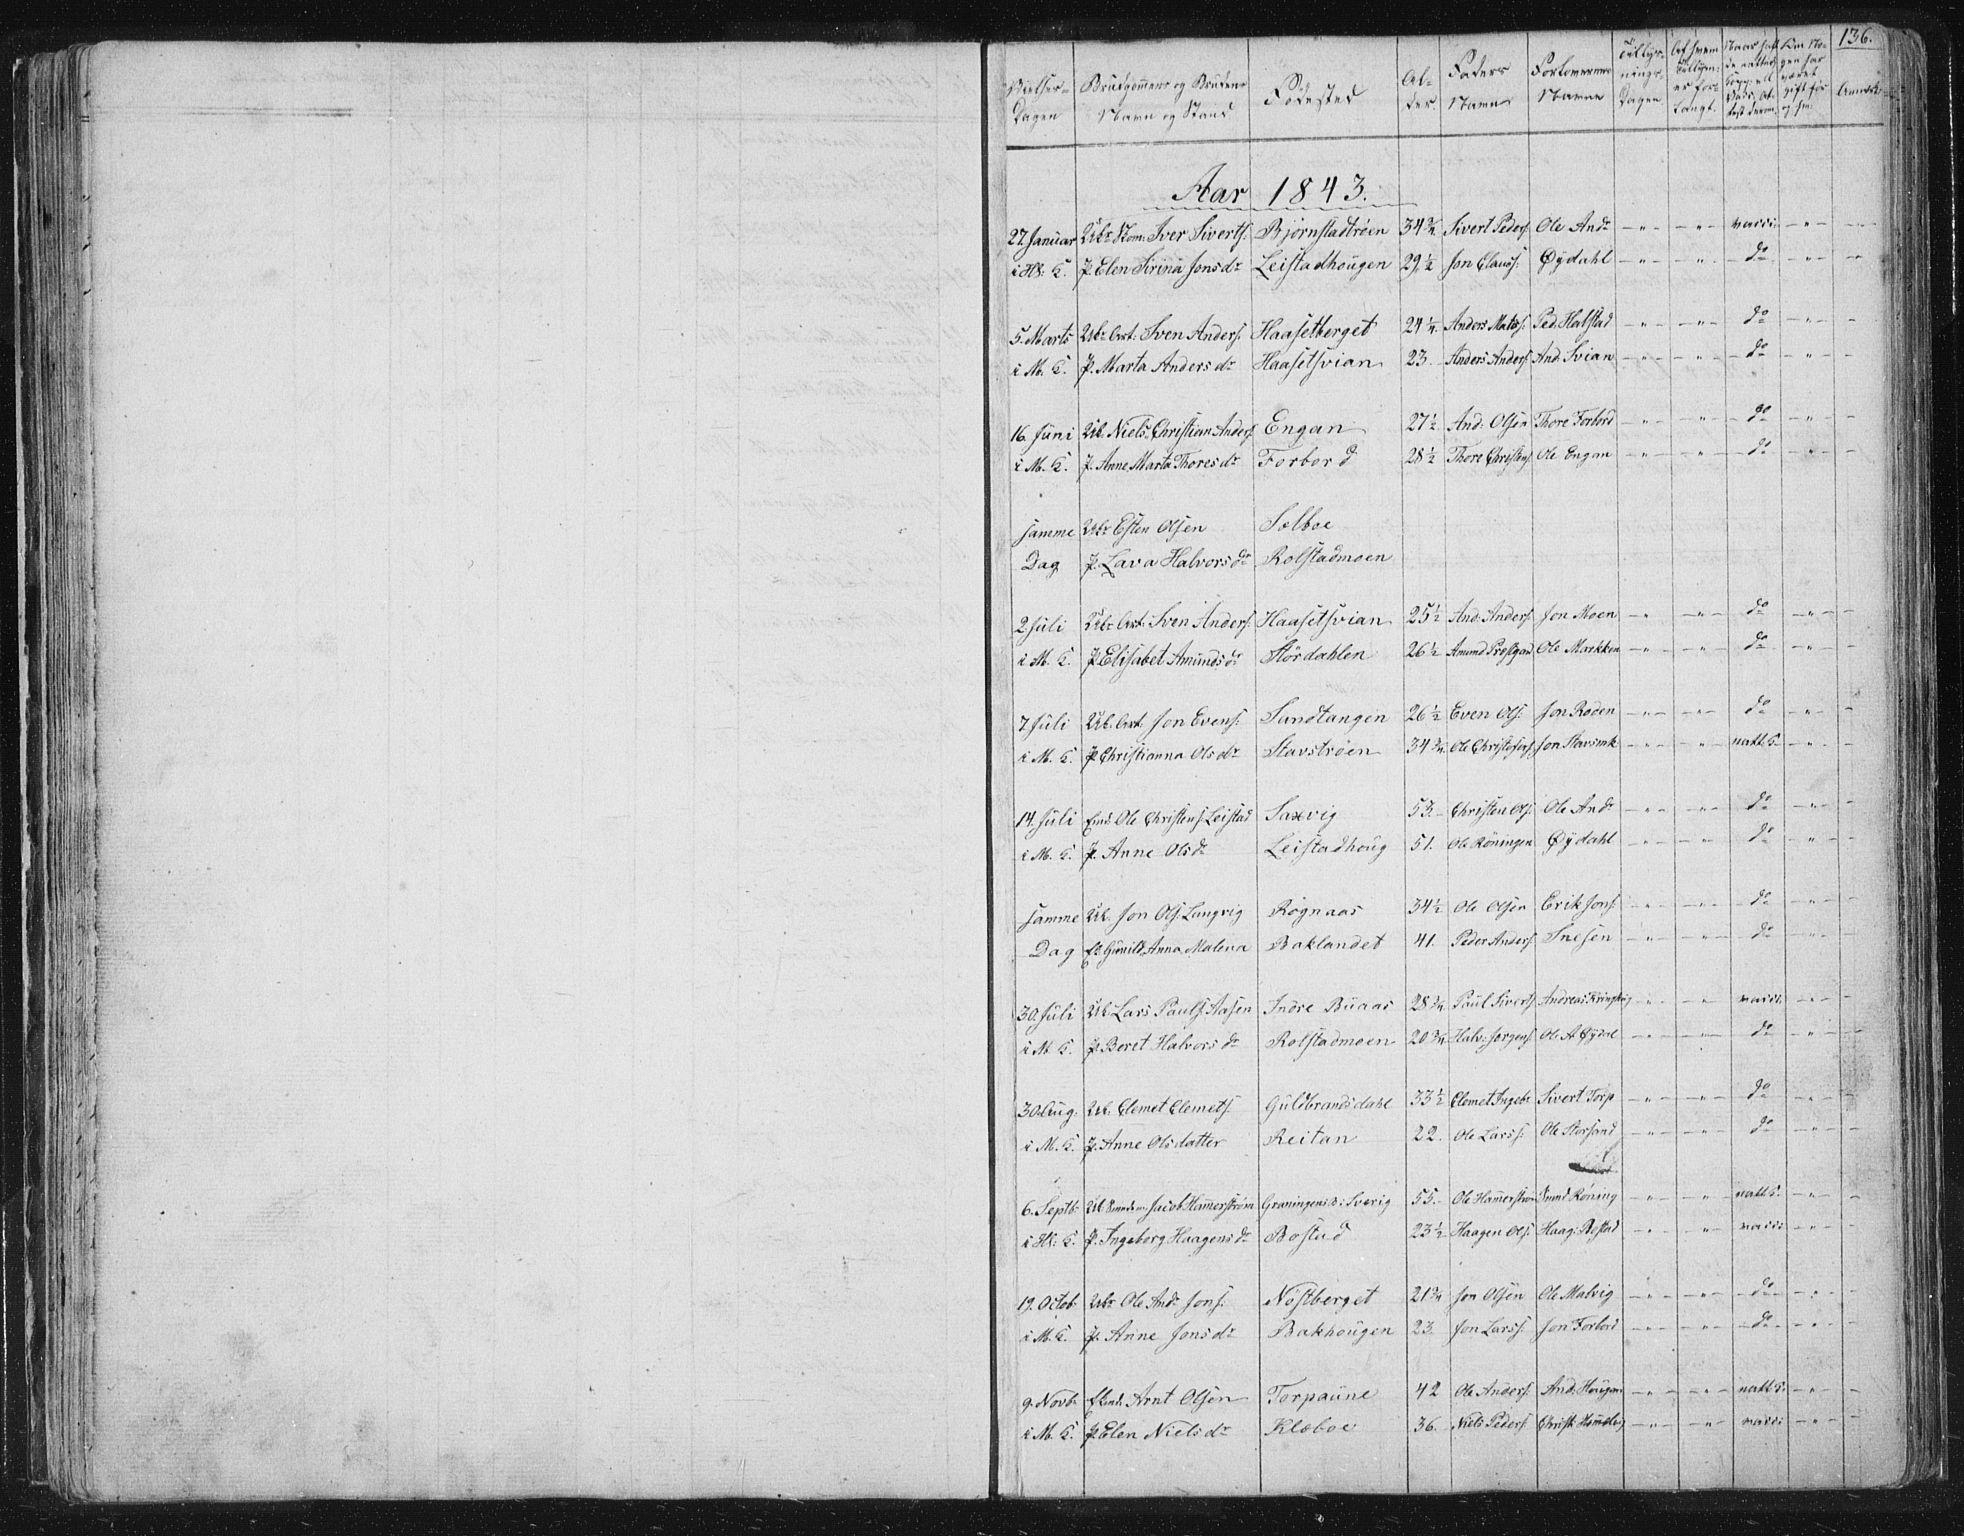 SAT, Ministerialprotokoller, klokkerbøker og fødselsregistre - Sør-Trøndelag, 616/L0406: Ministerialbok nr. 616A03, 1843-1879, s. 136